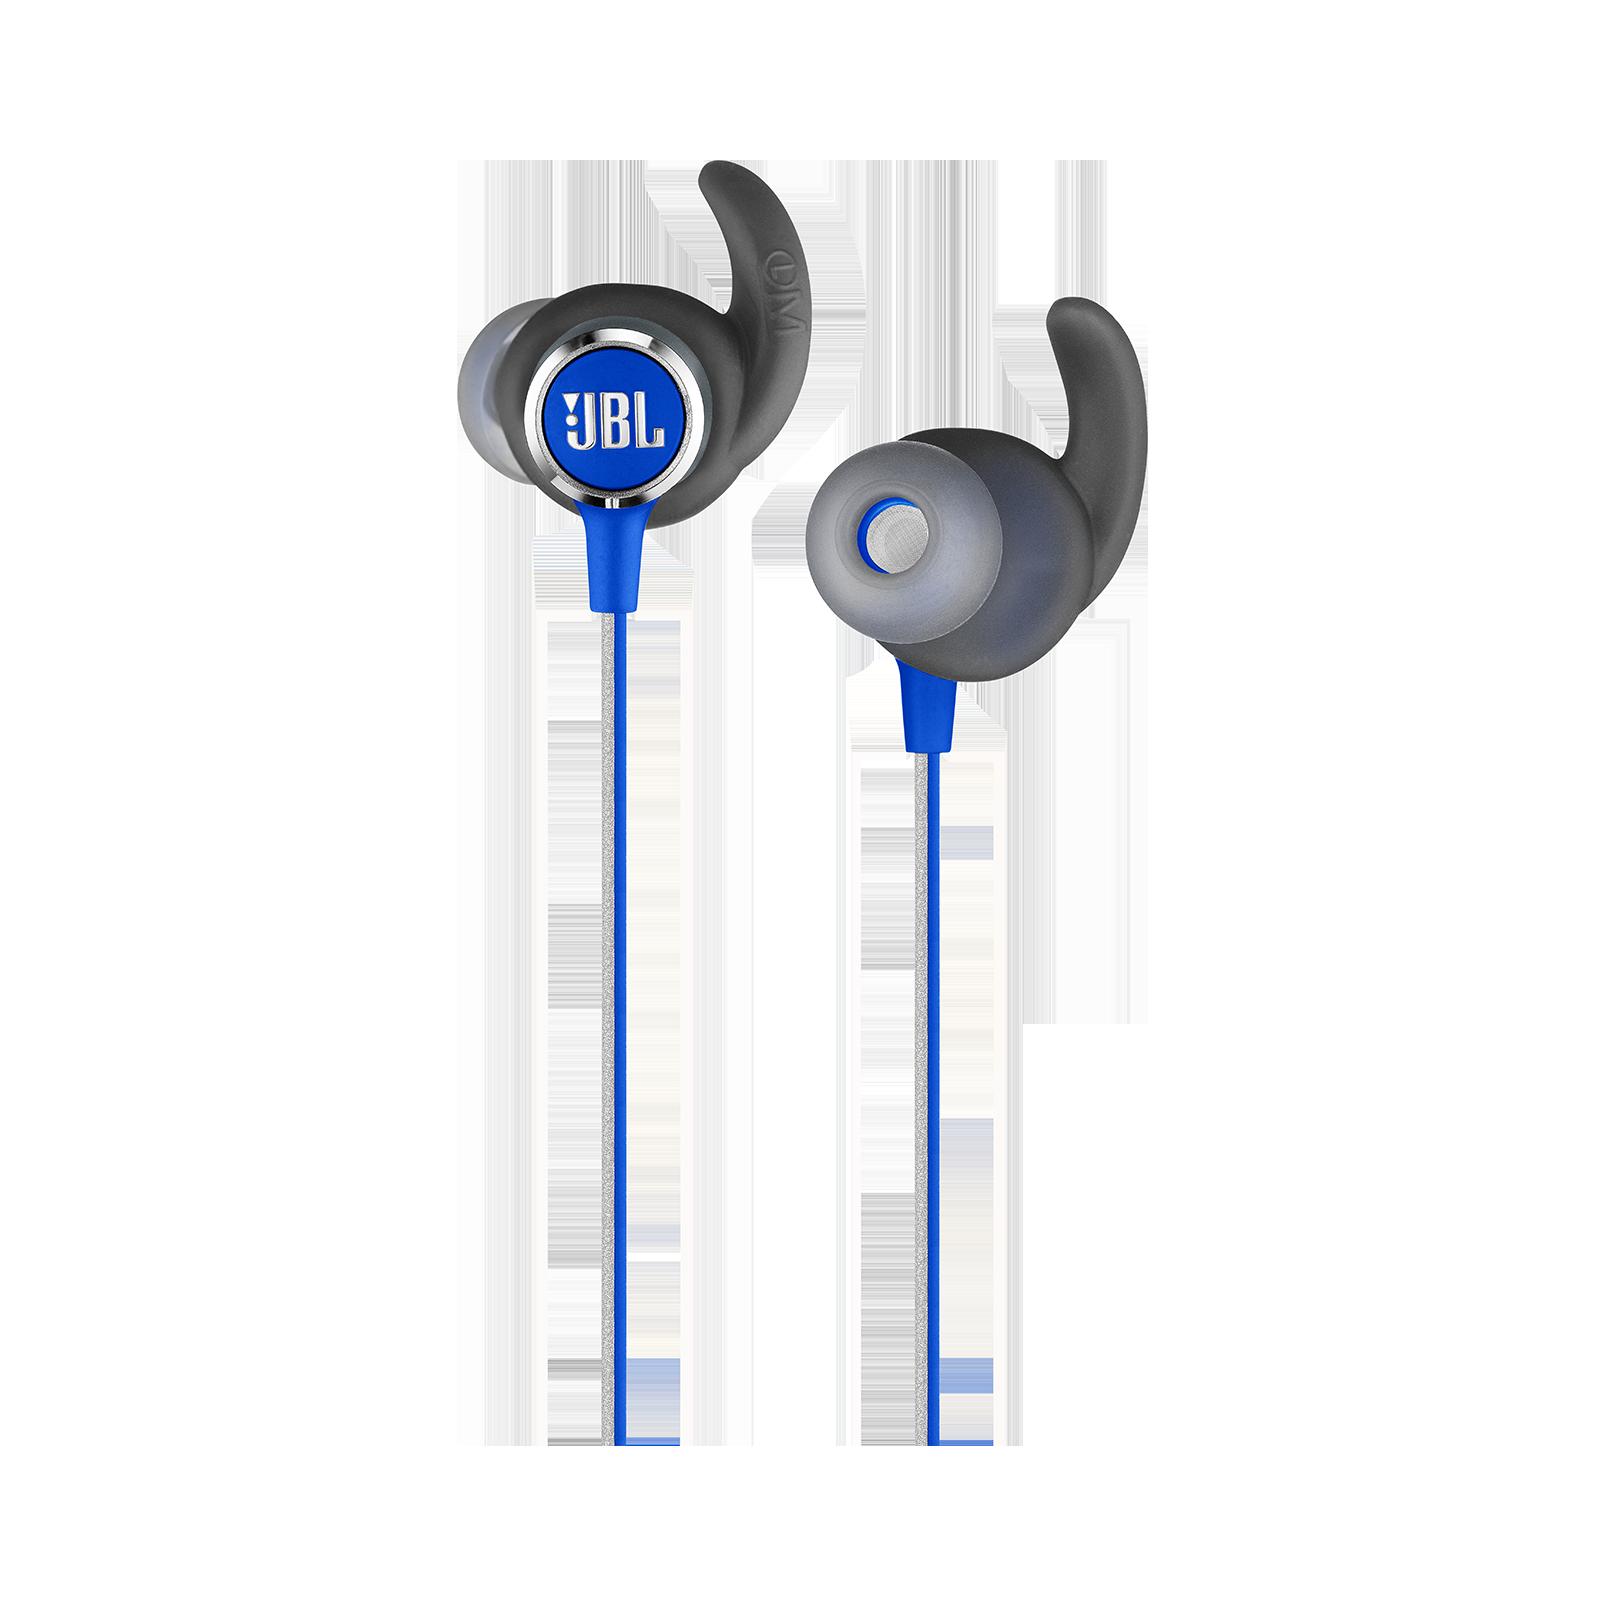 JBL REFLECT MINI 2 - Blue - Lightweight Wireless Sport Headphones - Detailshot 1